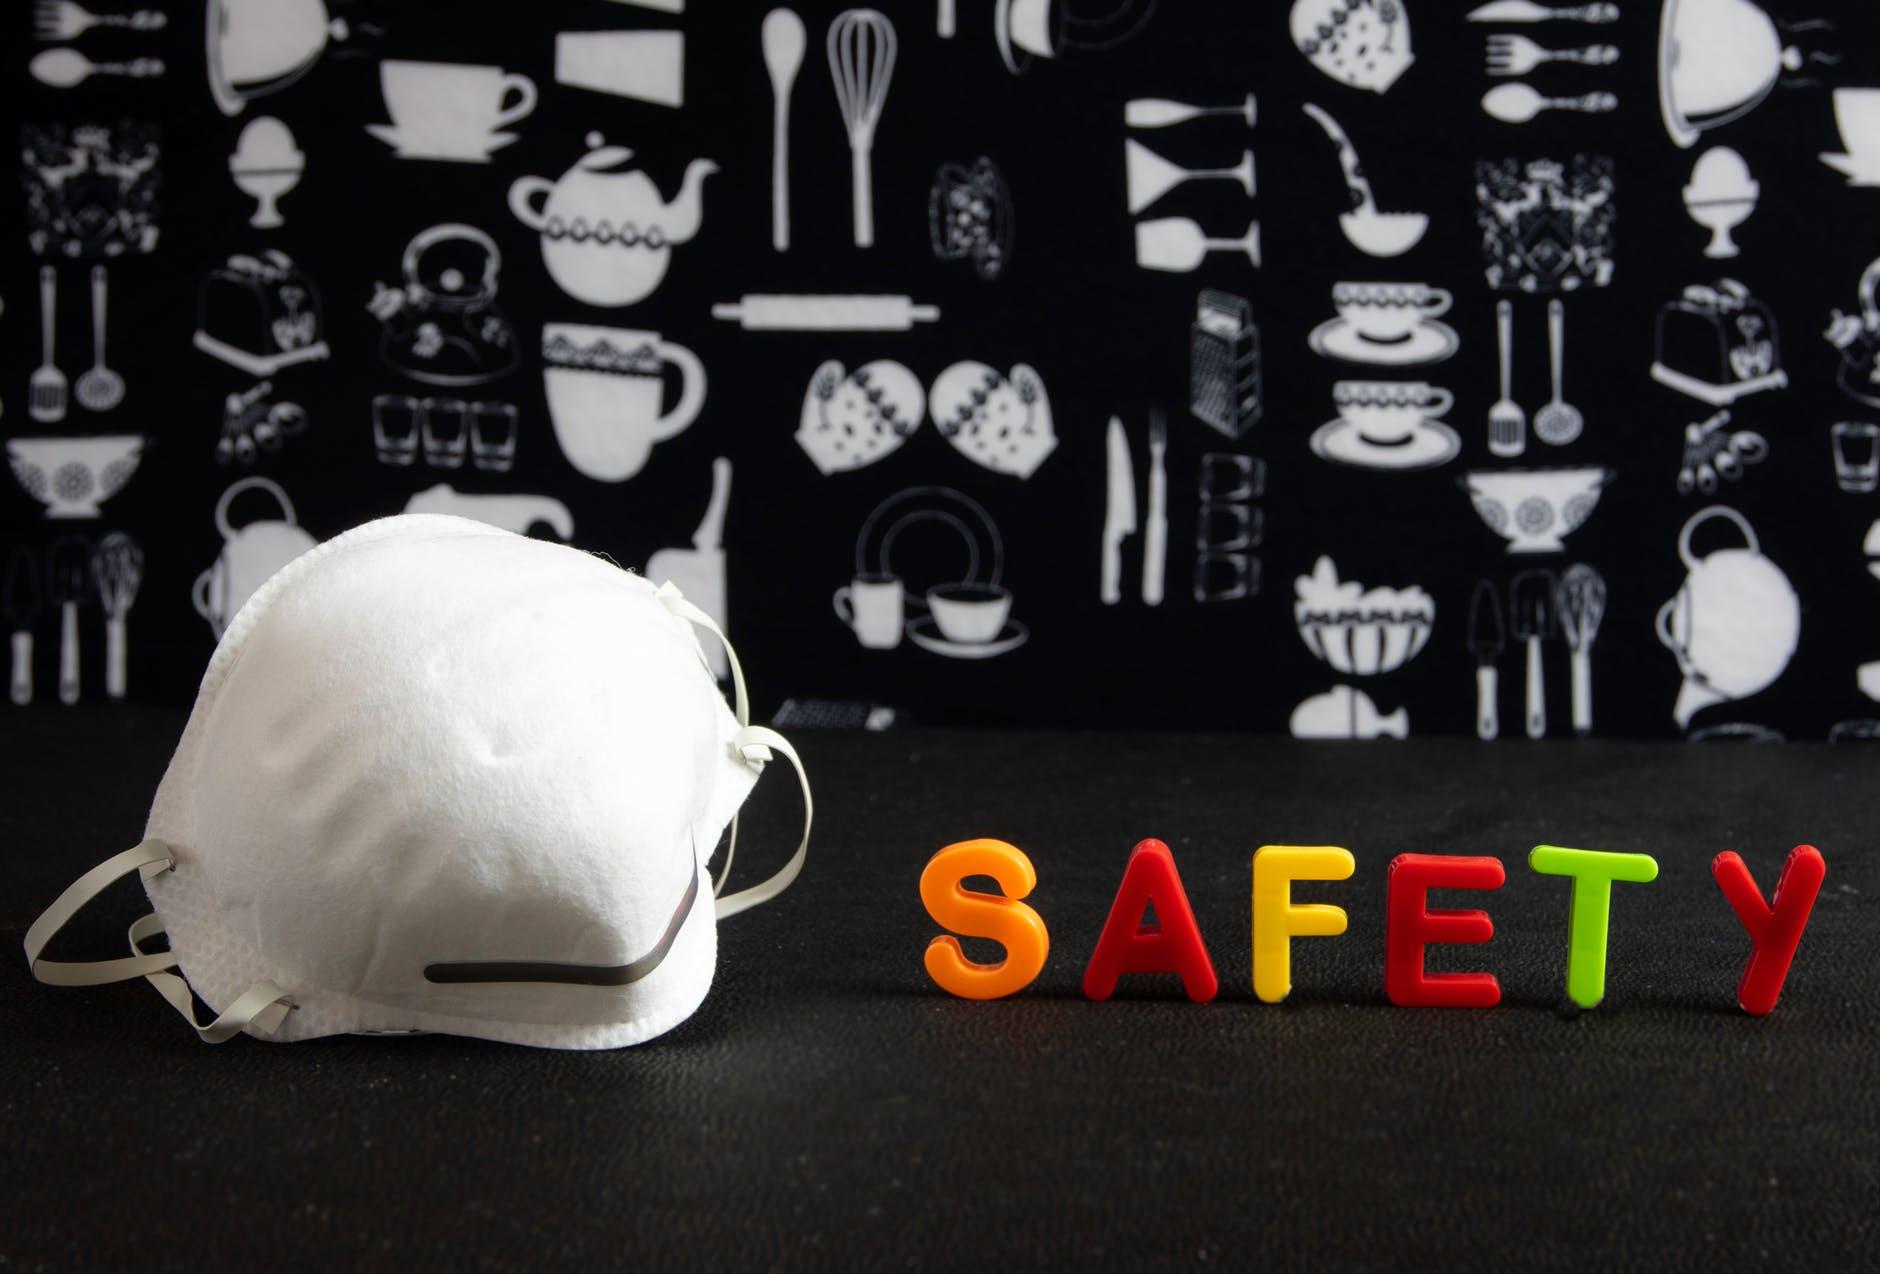 OPROEP: ProFhire doneert veiligheidsbrillen aan ziekenhuis